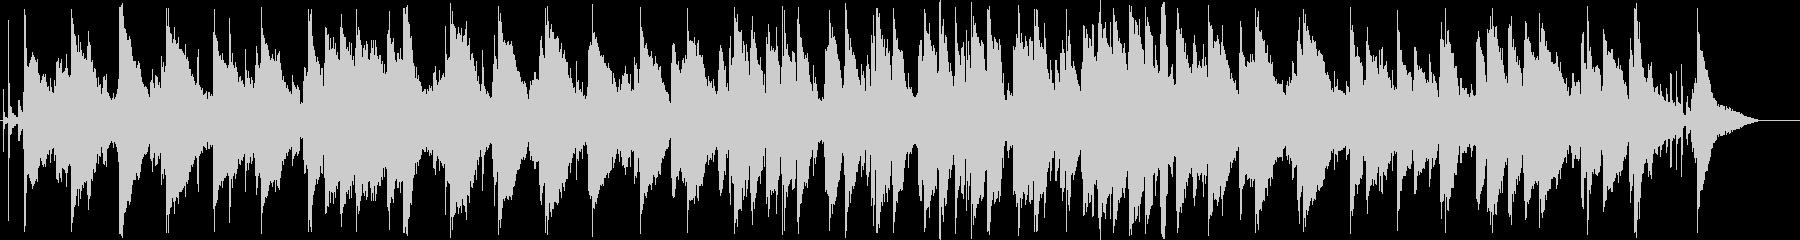 脱力感のあるシンセサイザーサウンドの未再生の波形